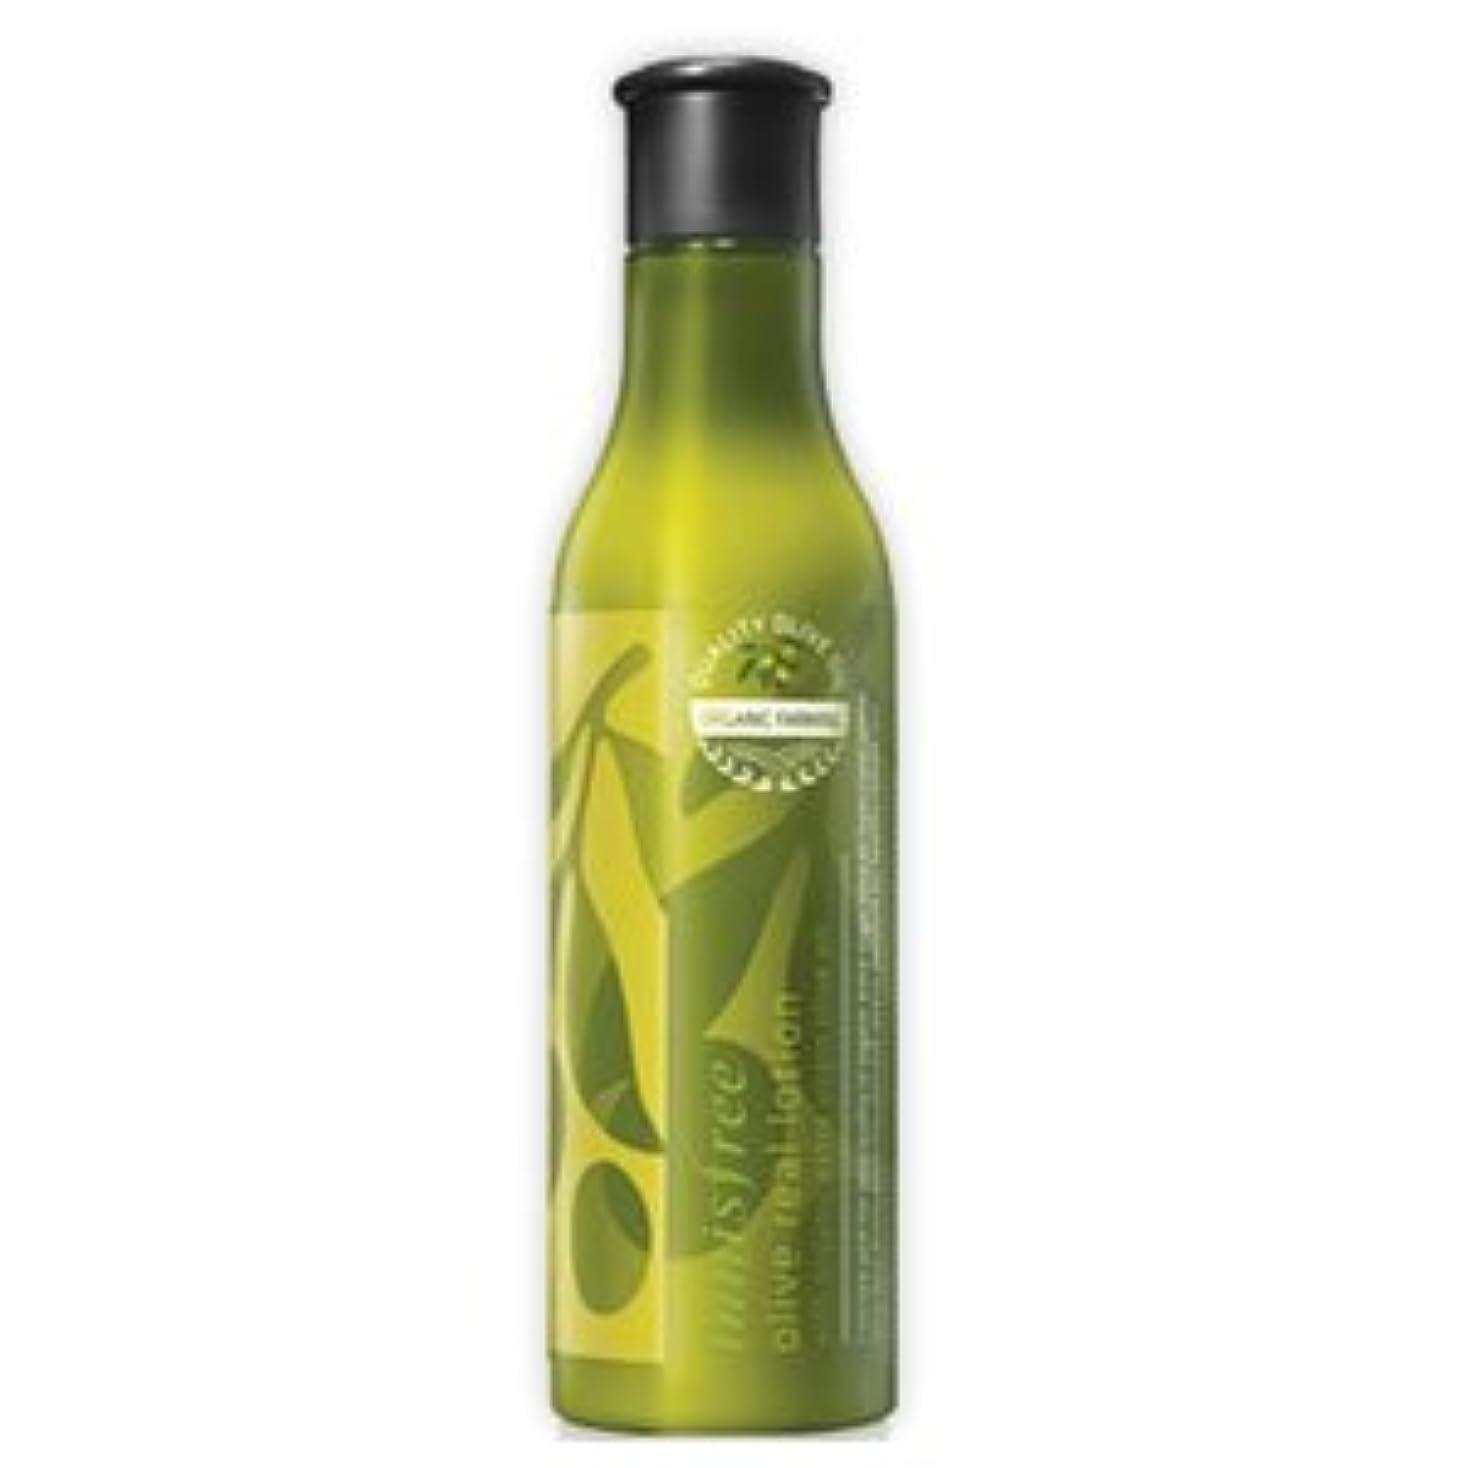 自由できれば地区innisfree(イニスフリー) 保湿栄養 オリーブリアル ローション 乳液 160ml